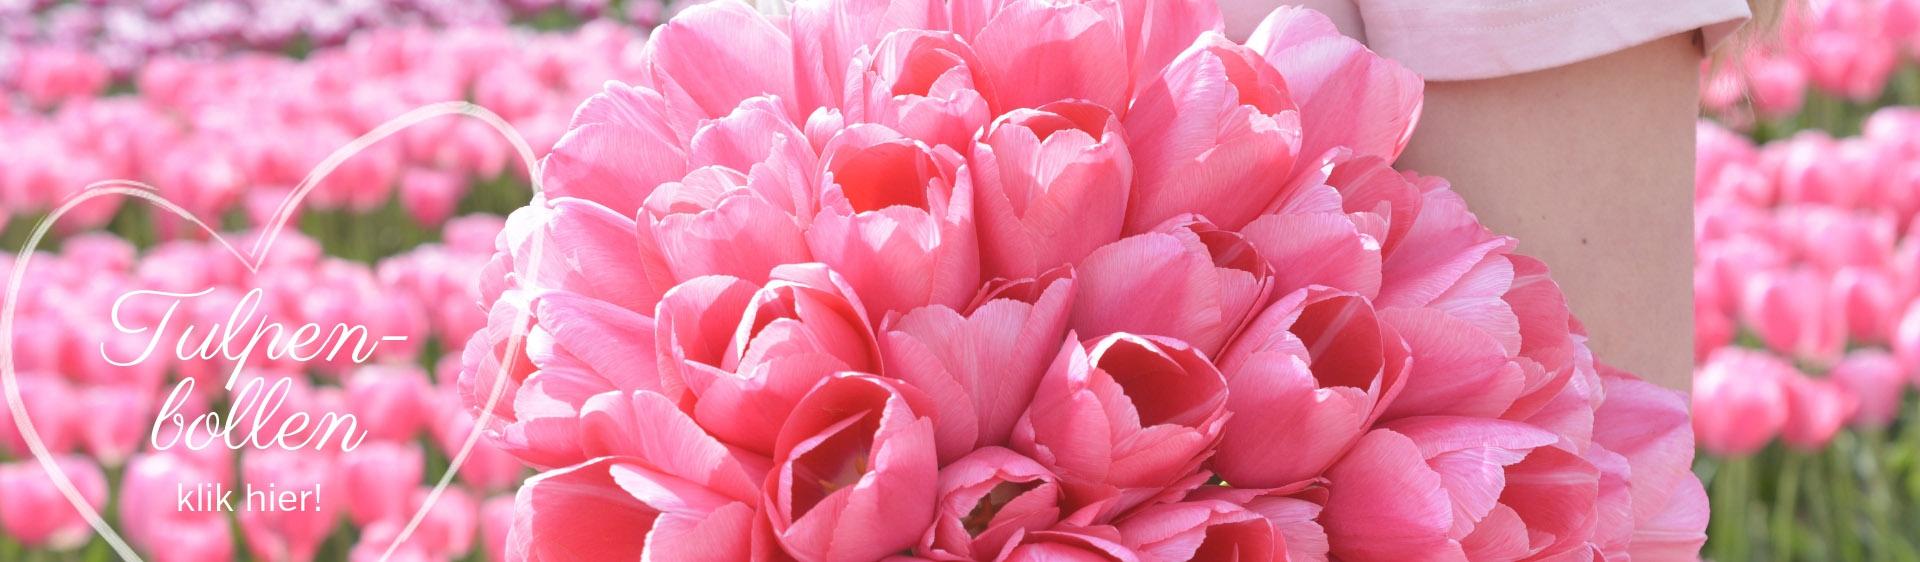 Tulpenbollen vers van de kwekerij